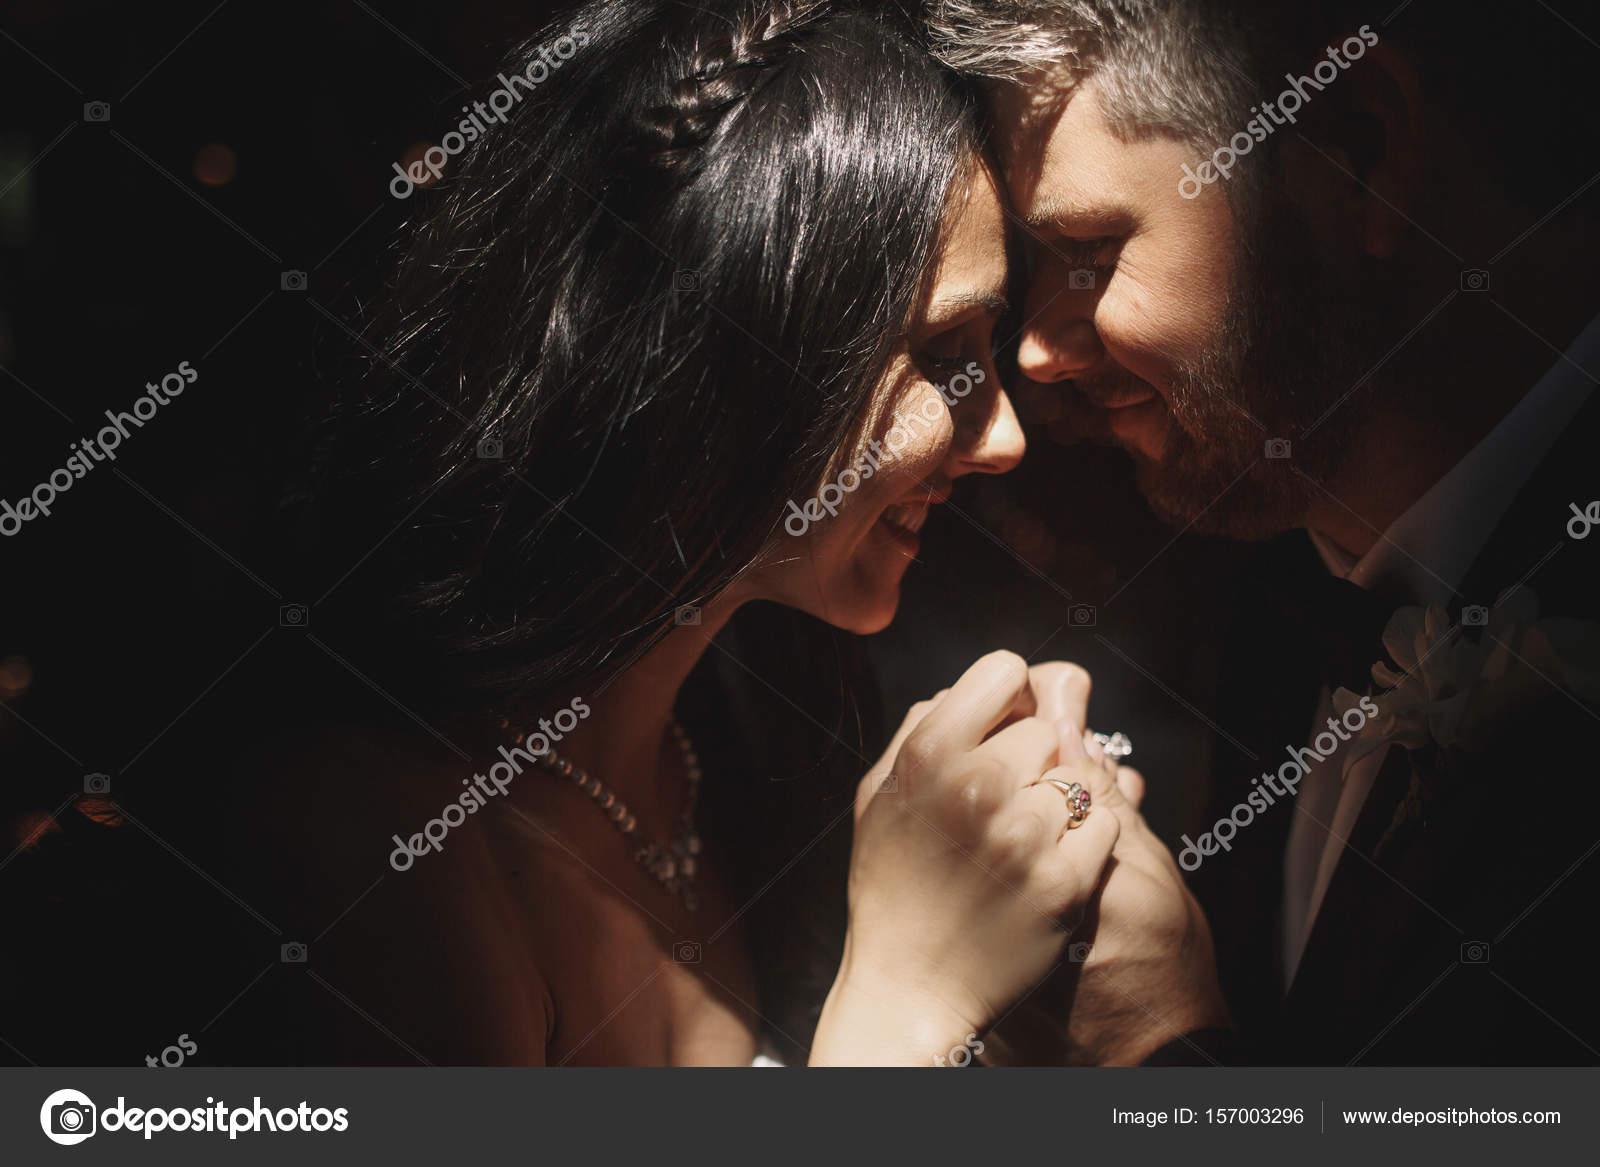 σφιχτά φωτογραφίες Ασιάτης/ισσα πορνό κανάλι κατηγορίες